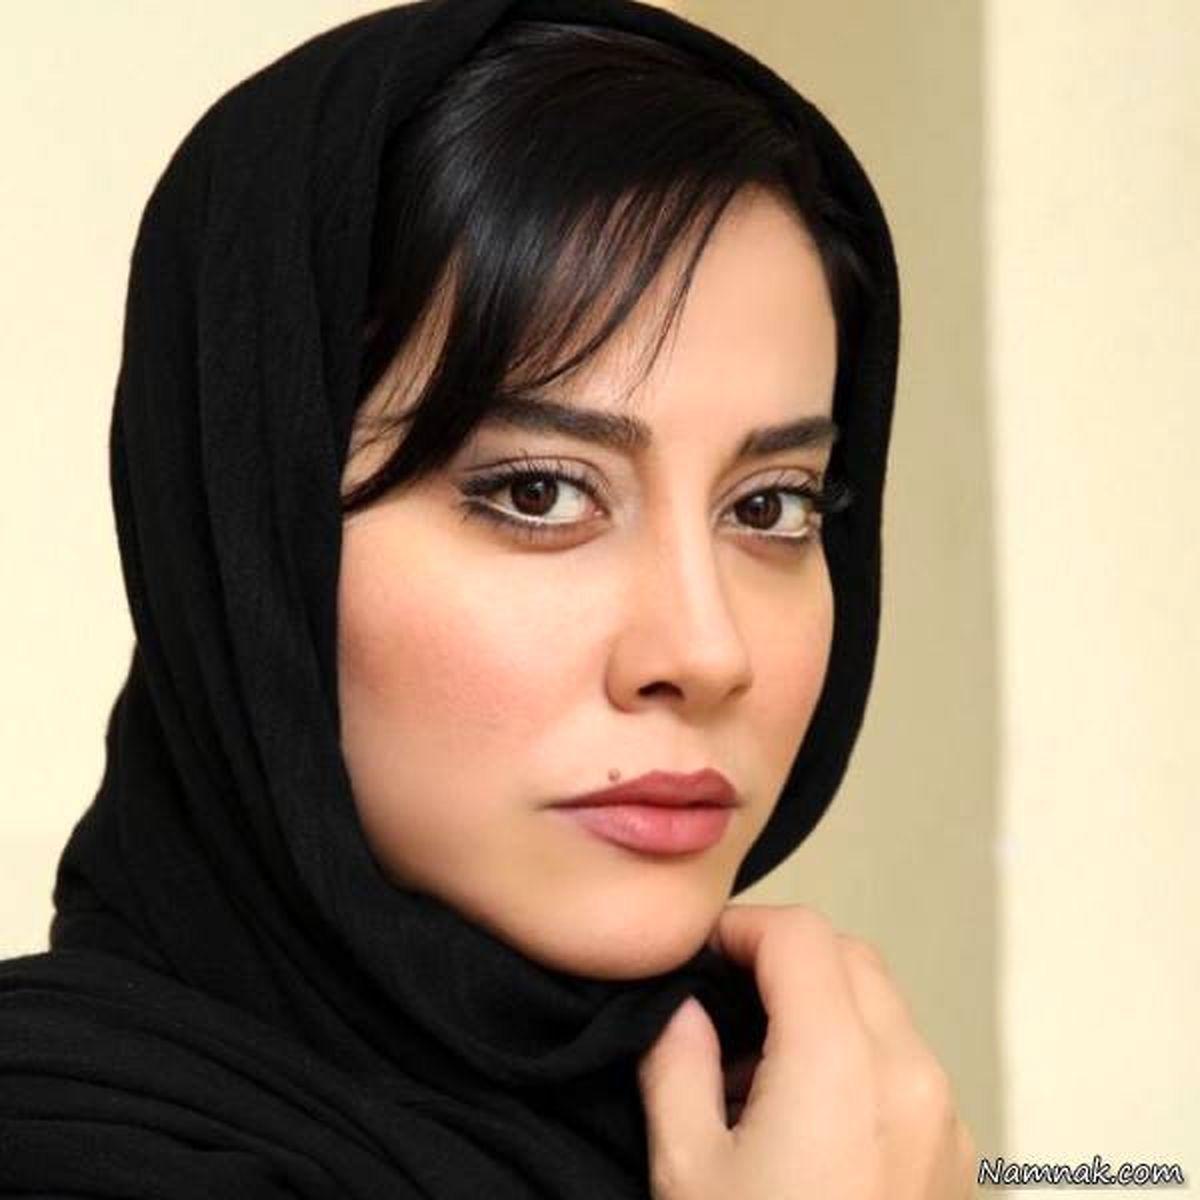 آشا محرابی| تصاویر و بیوگرافی آشا محرابی و همسرش